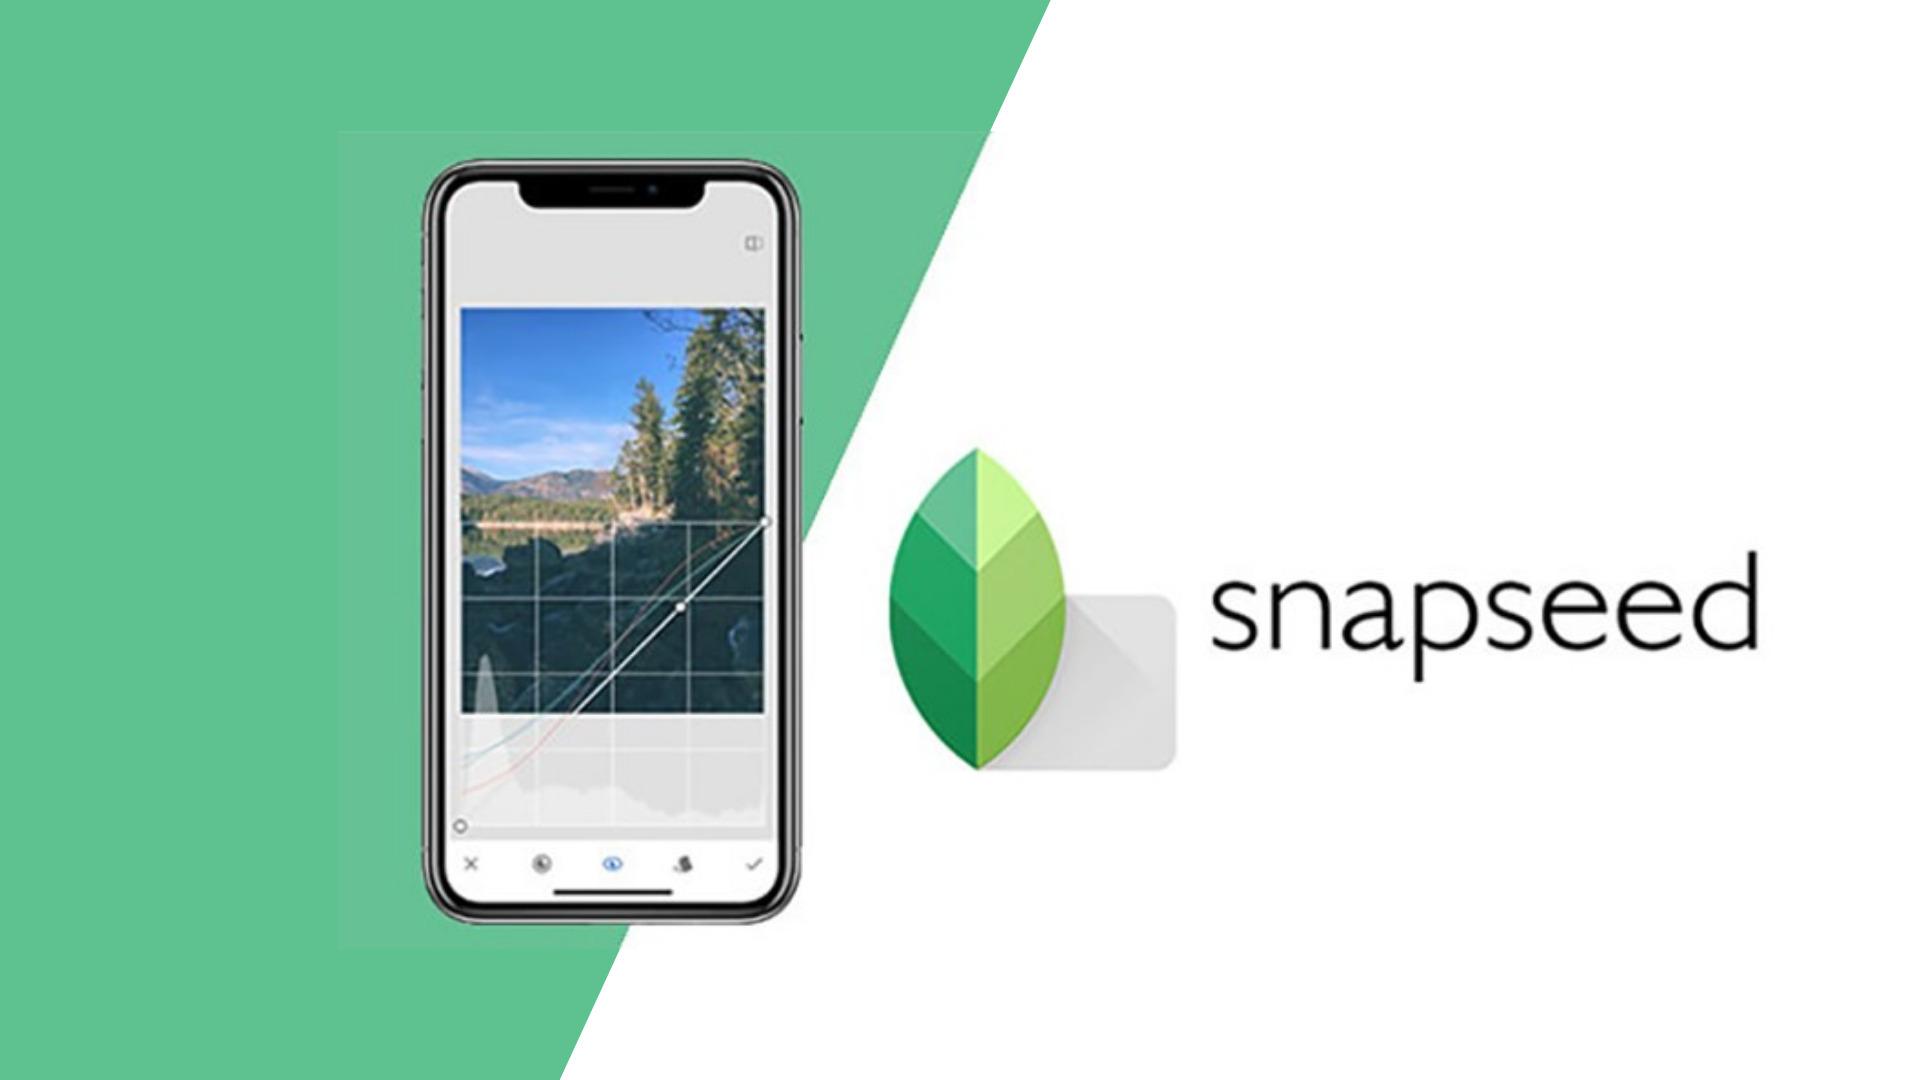 App chỉnh ảnh đẹp - Snapseed